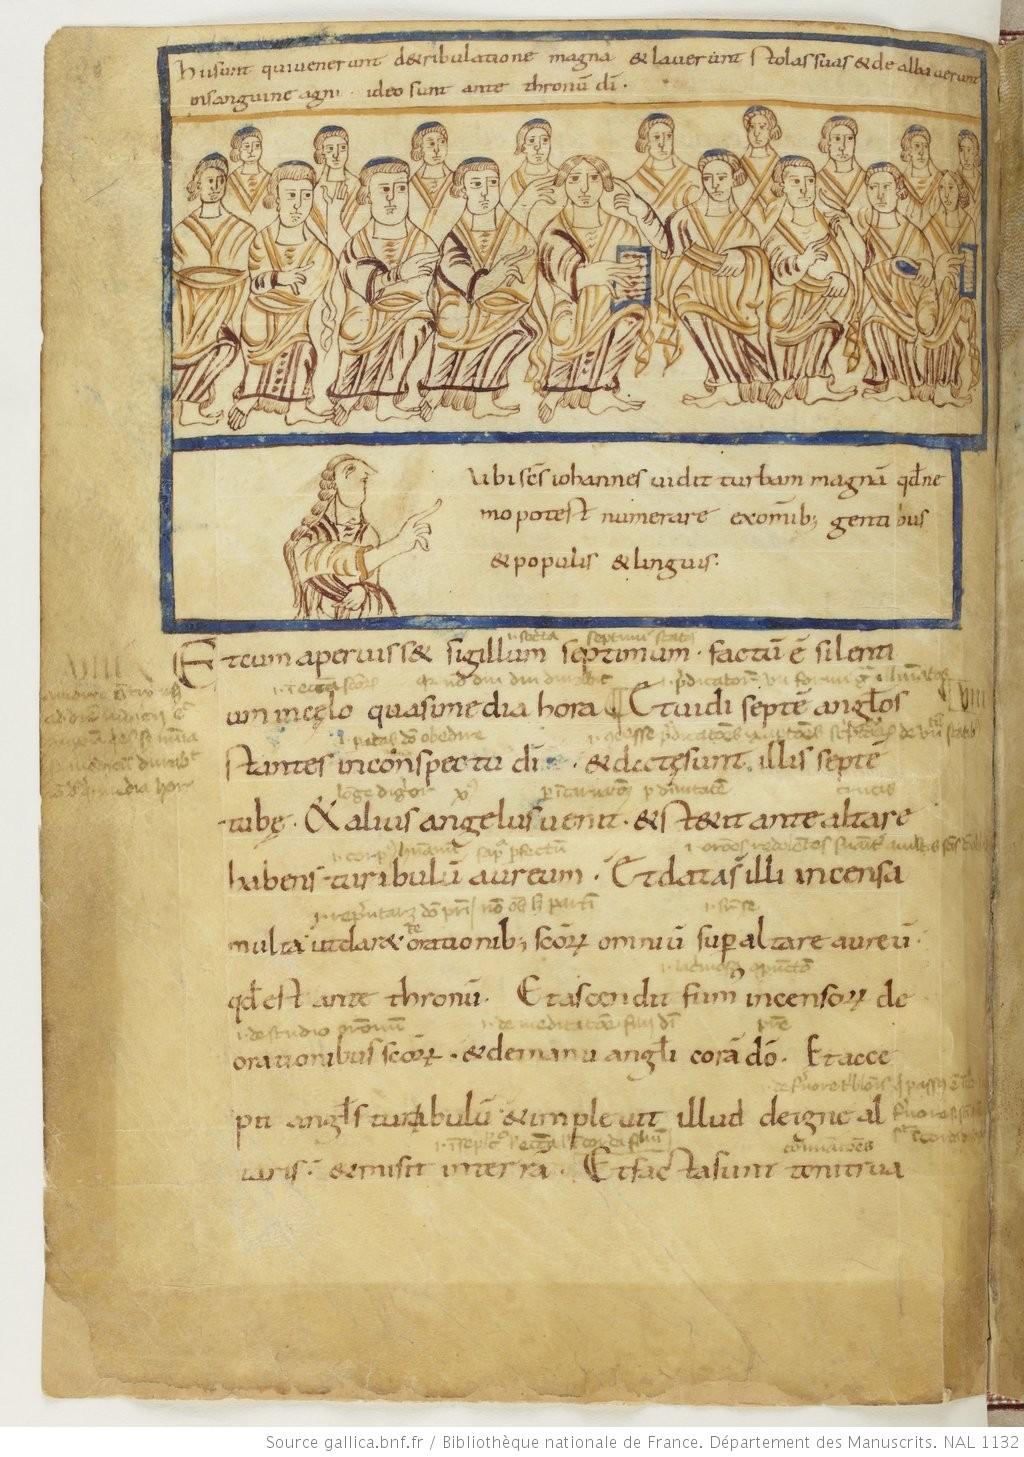 BNF n.a Lat 1132 fol 10v La multitude des elus